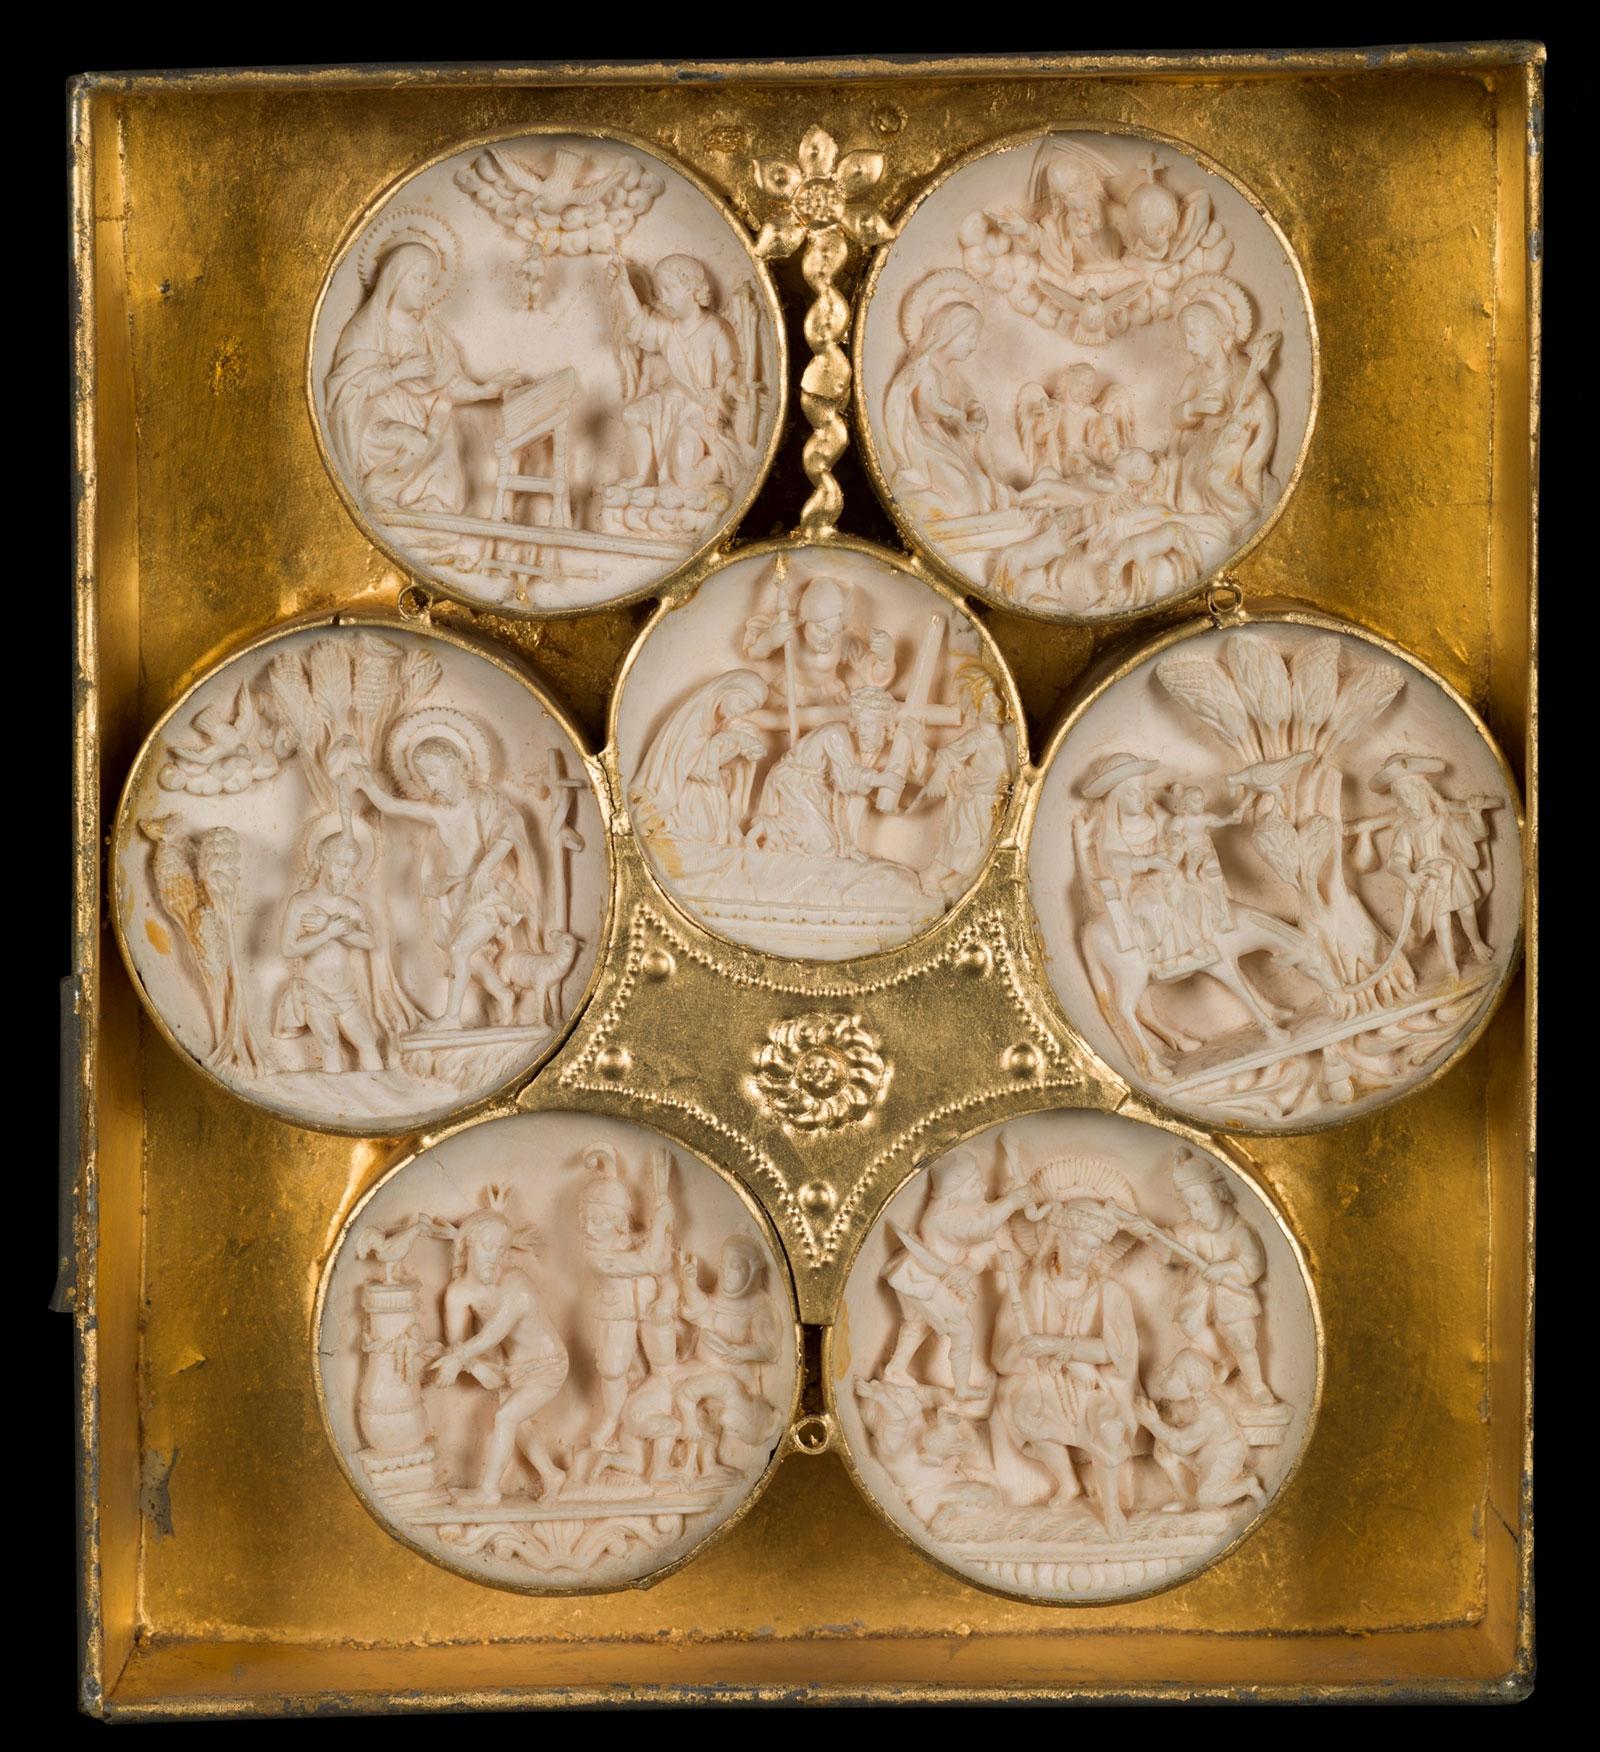 Conjunto de semiesferas agrupadas en un marco, propiedad del Museo del Prado.